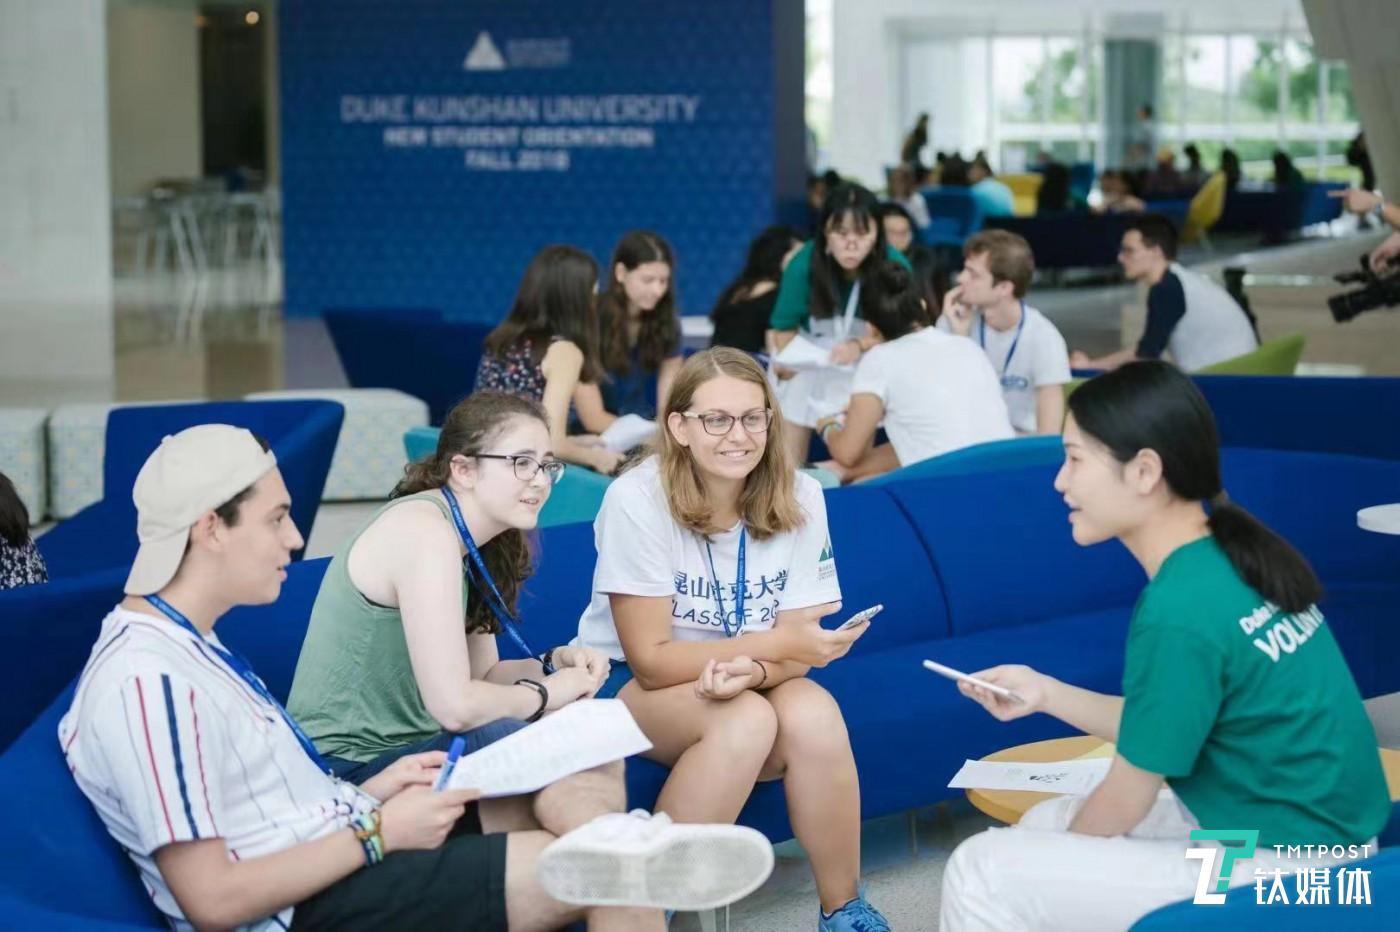 昆山杜克大学的独特位置,吸引了来自全球的学生